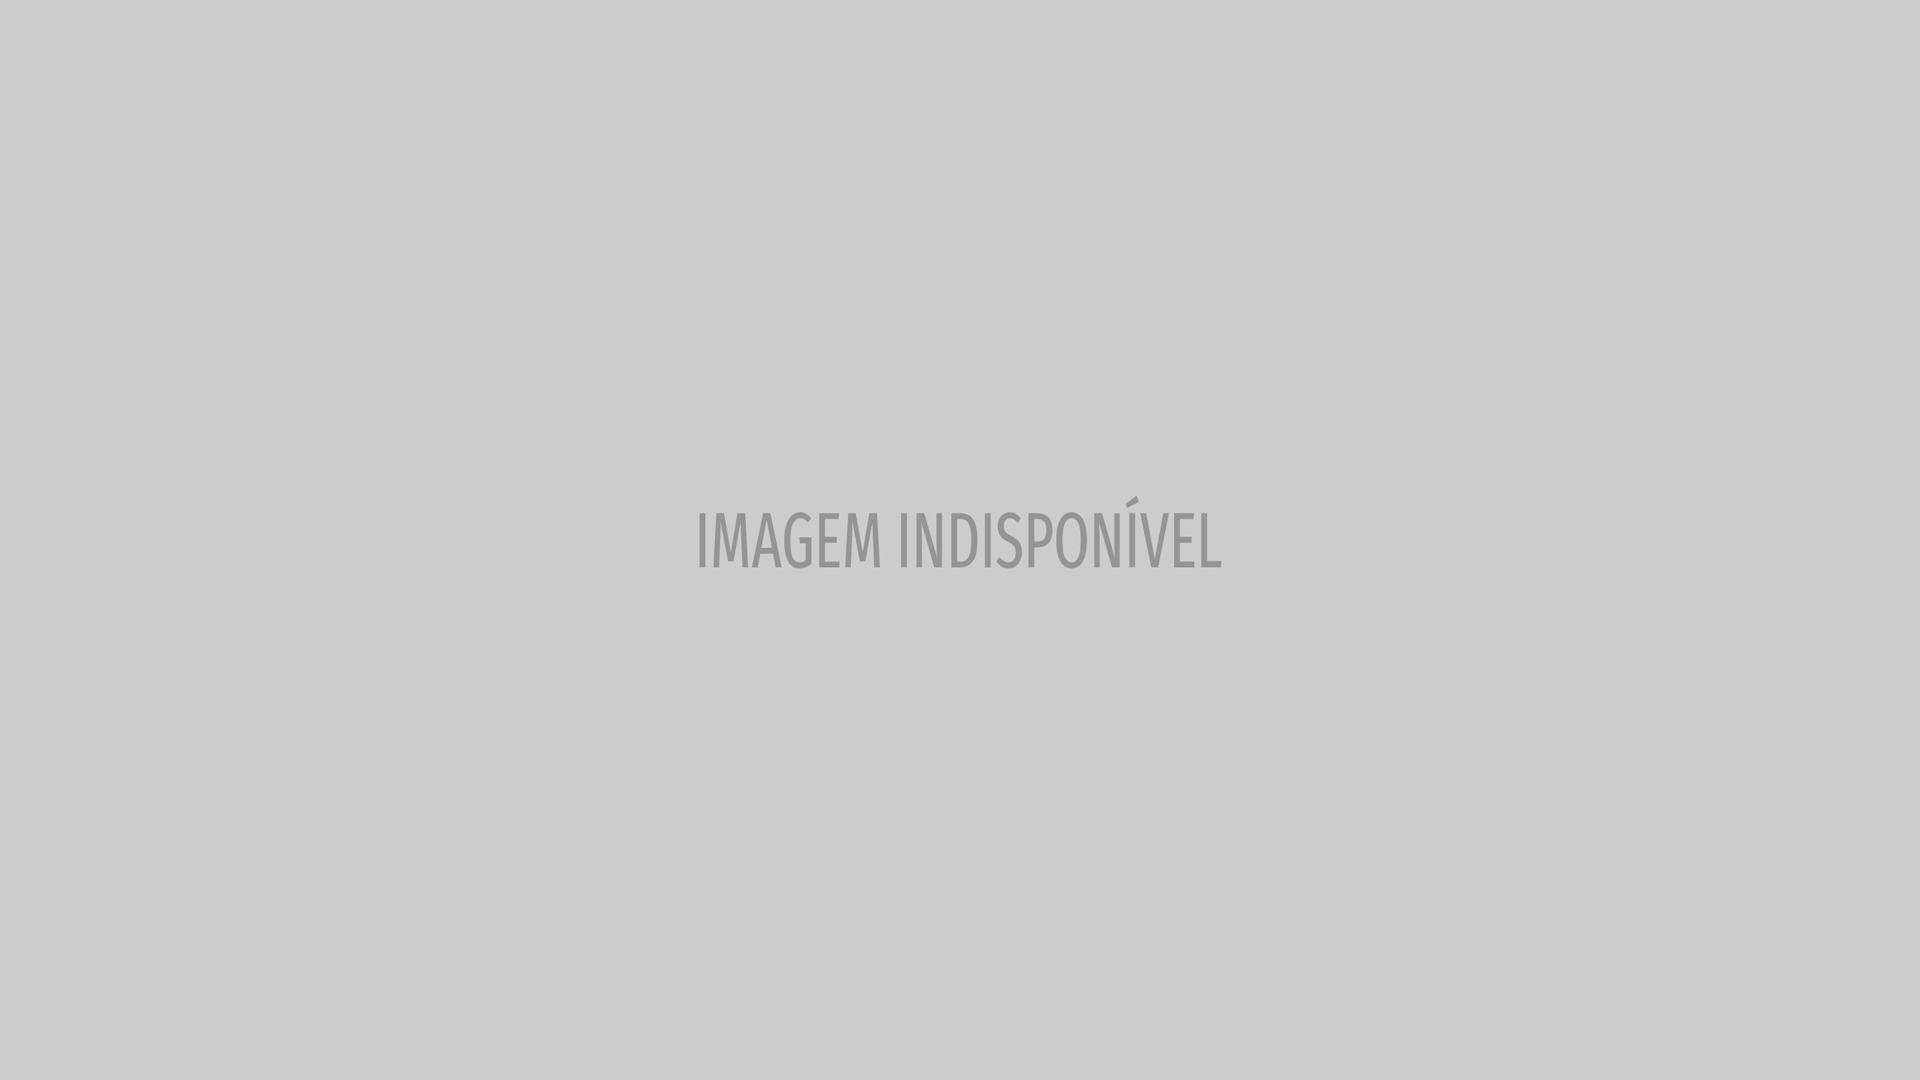 Mudança radical: Será que Cláudio Ramos rapou o cabelo?